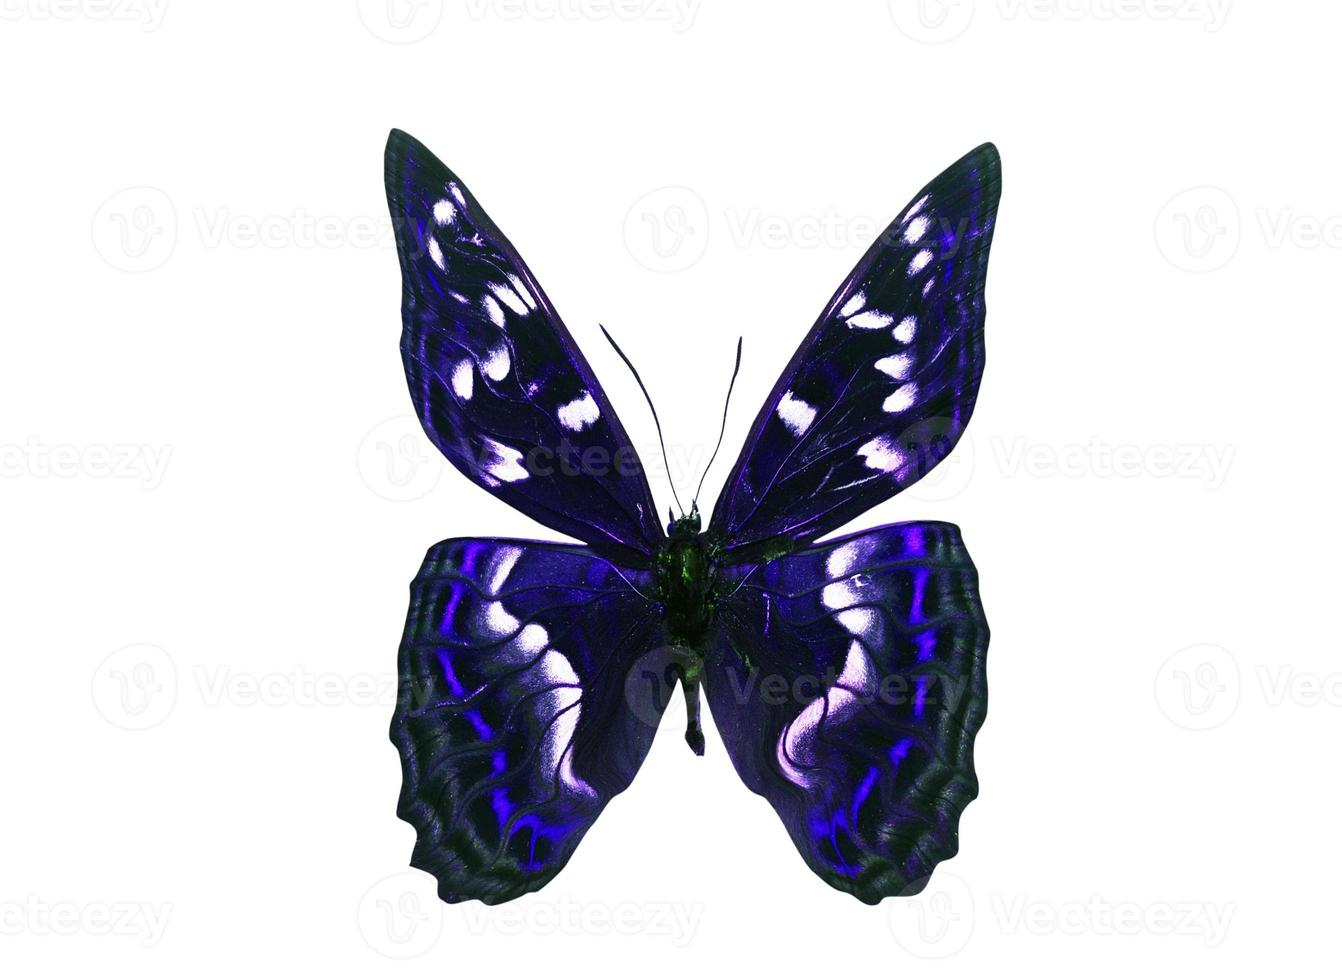 Mariposa de color oscuro con alas violetas. aislado sobre fondo blanco foto